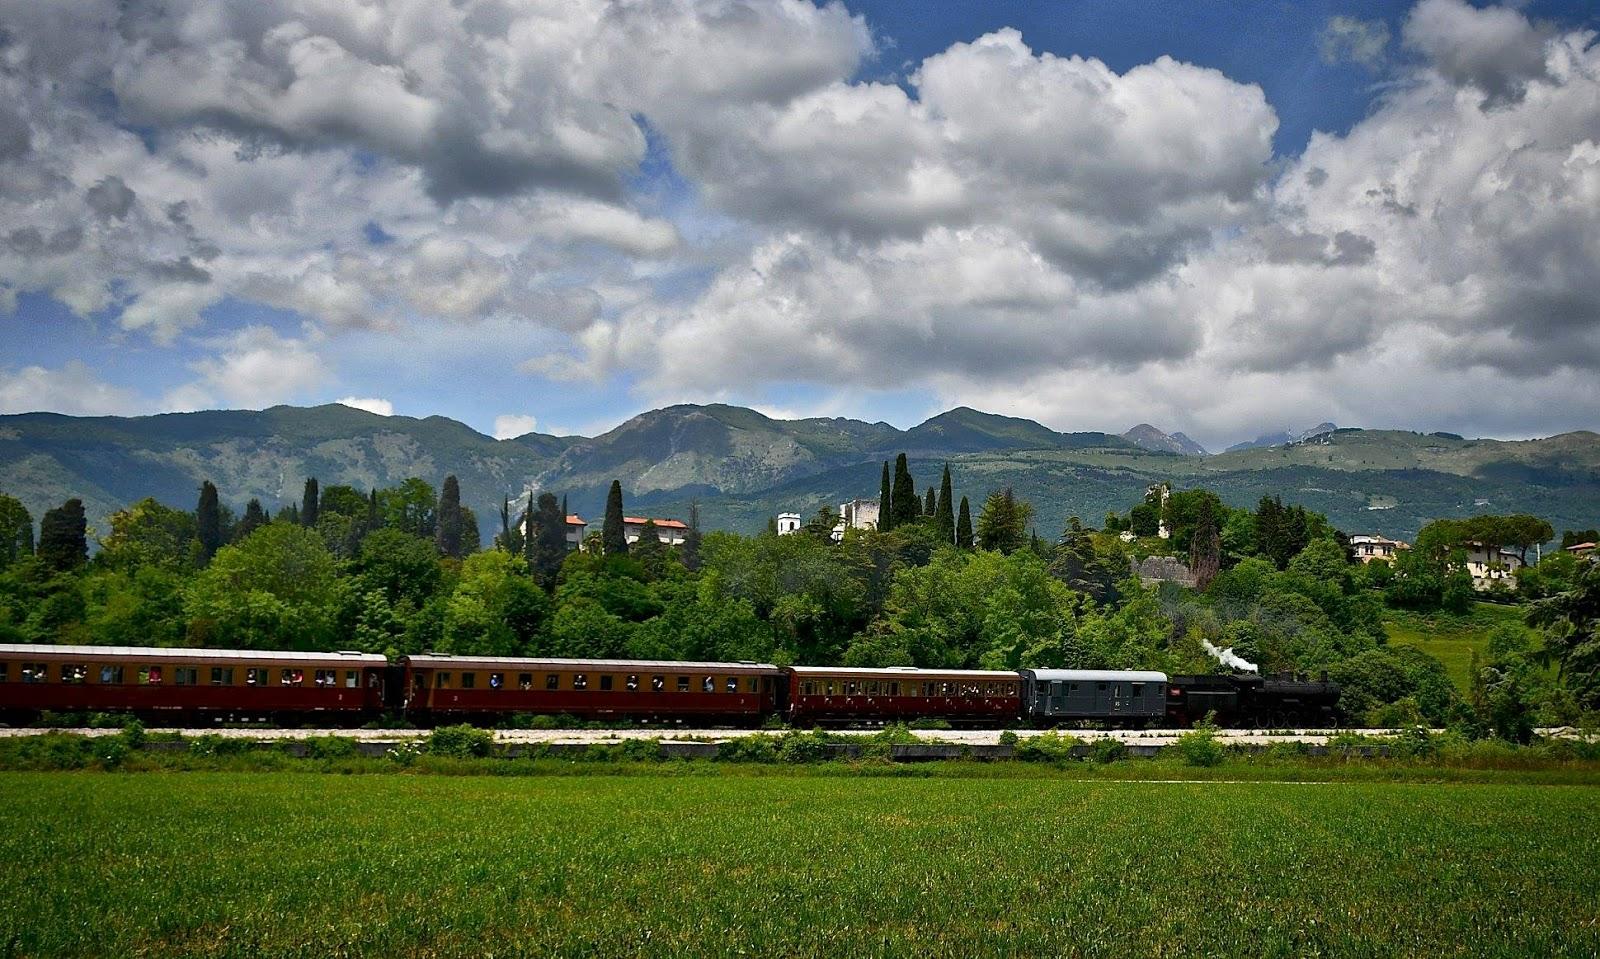 Una foto per la ferrovia Pedemontana  le locandine dei treni storici  verranno realizzate con le foto degli appassionati 66aabe3764